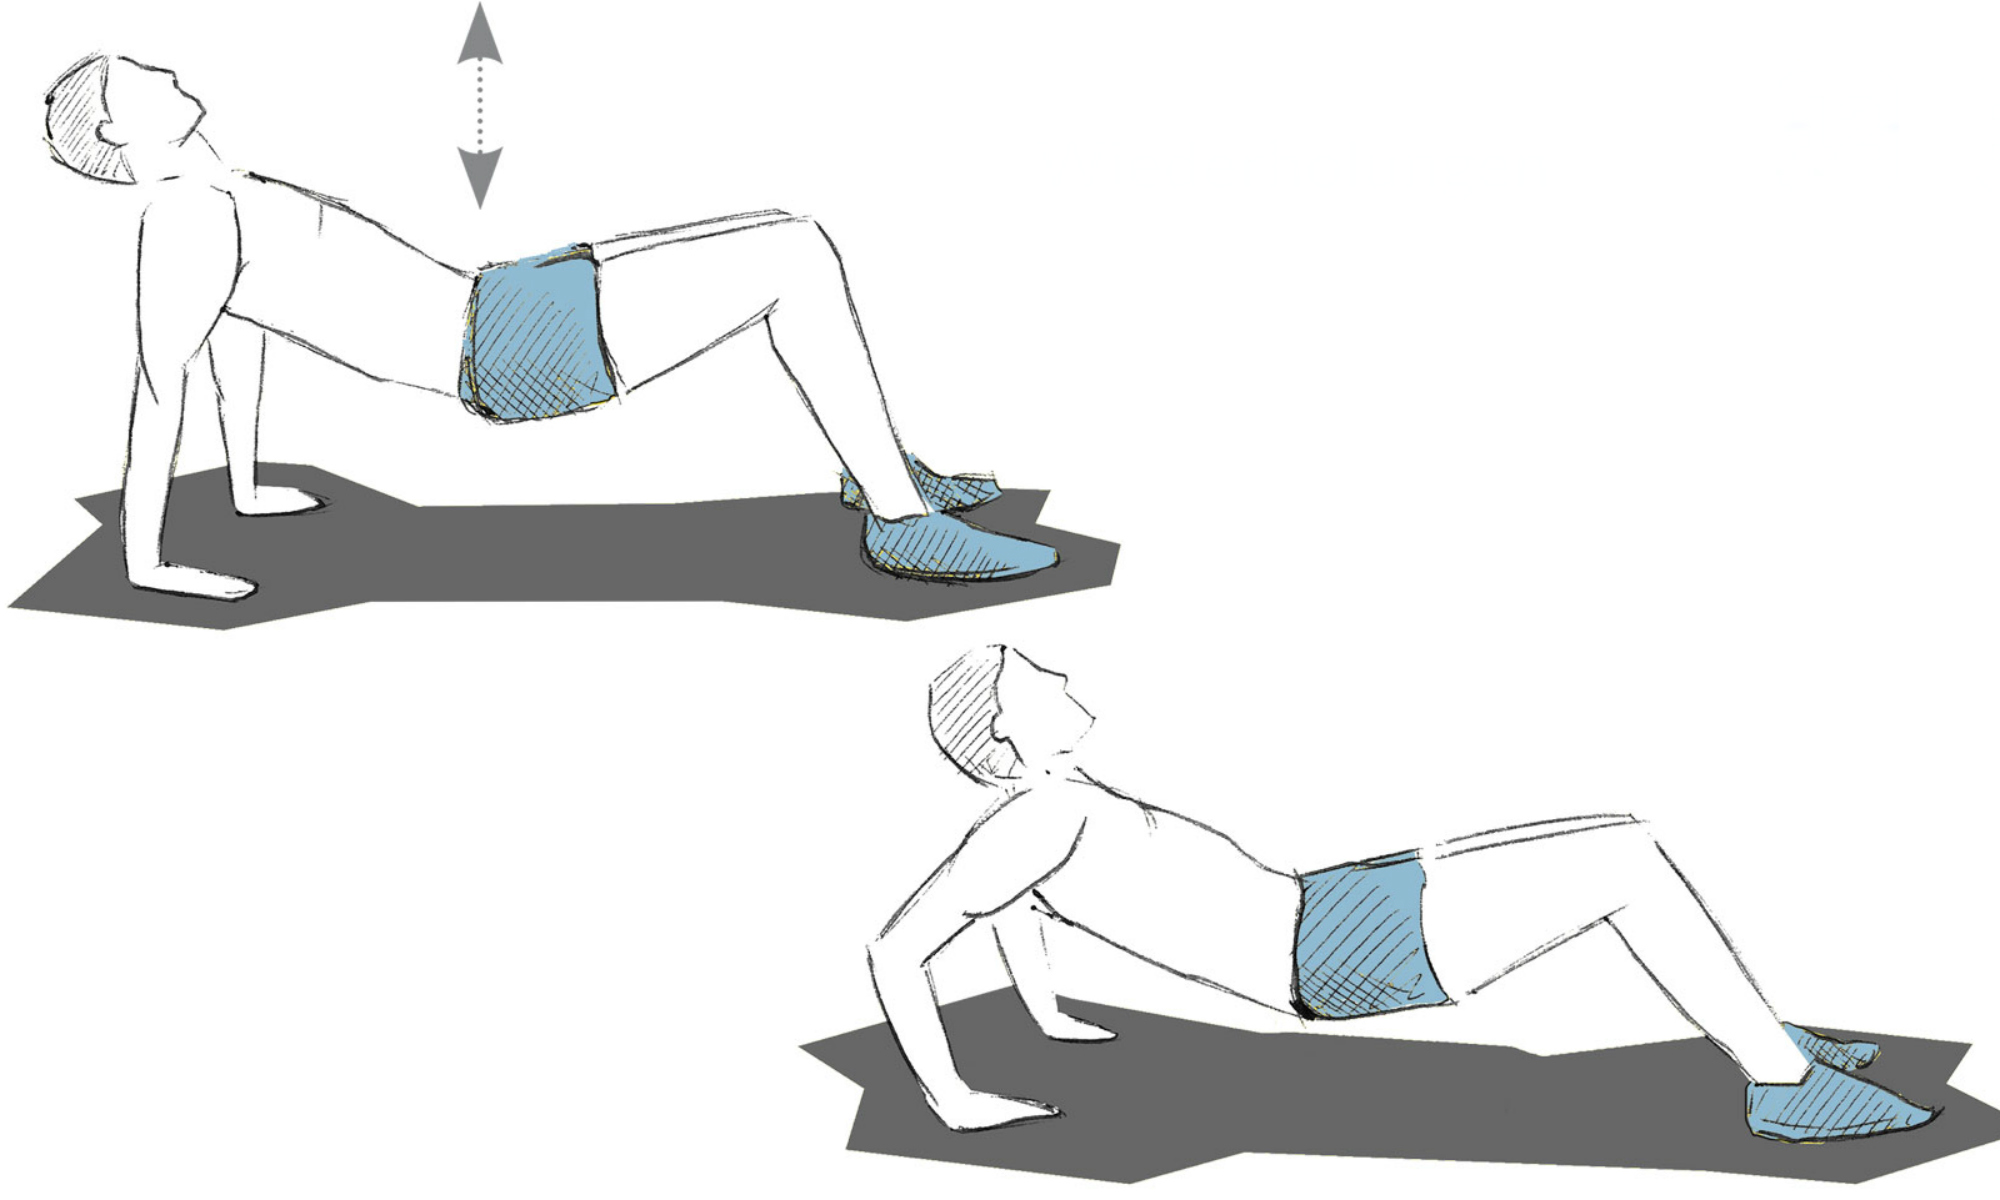 Istruzioni per il push-up all'indietro.